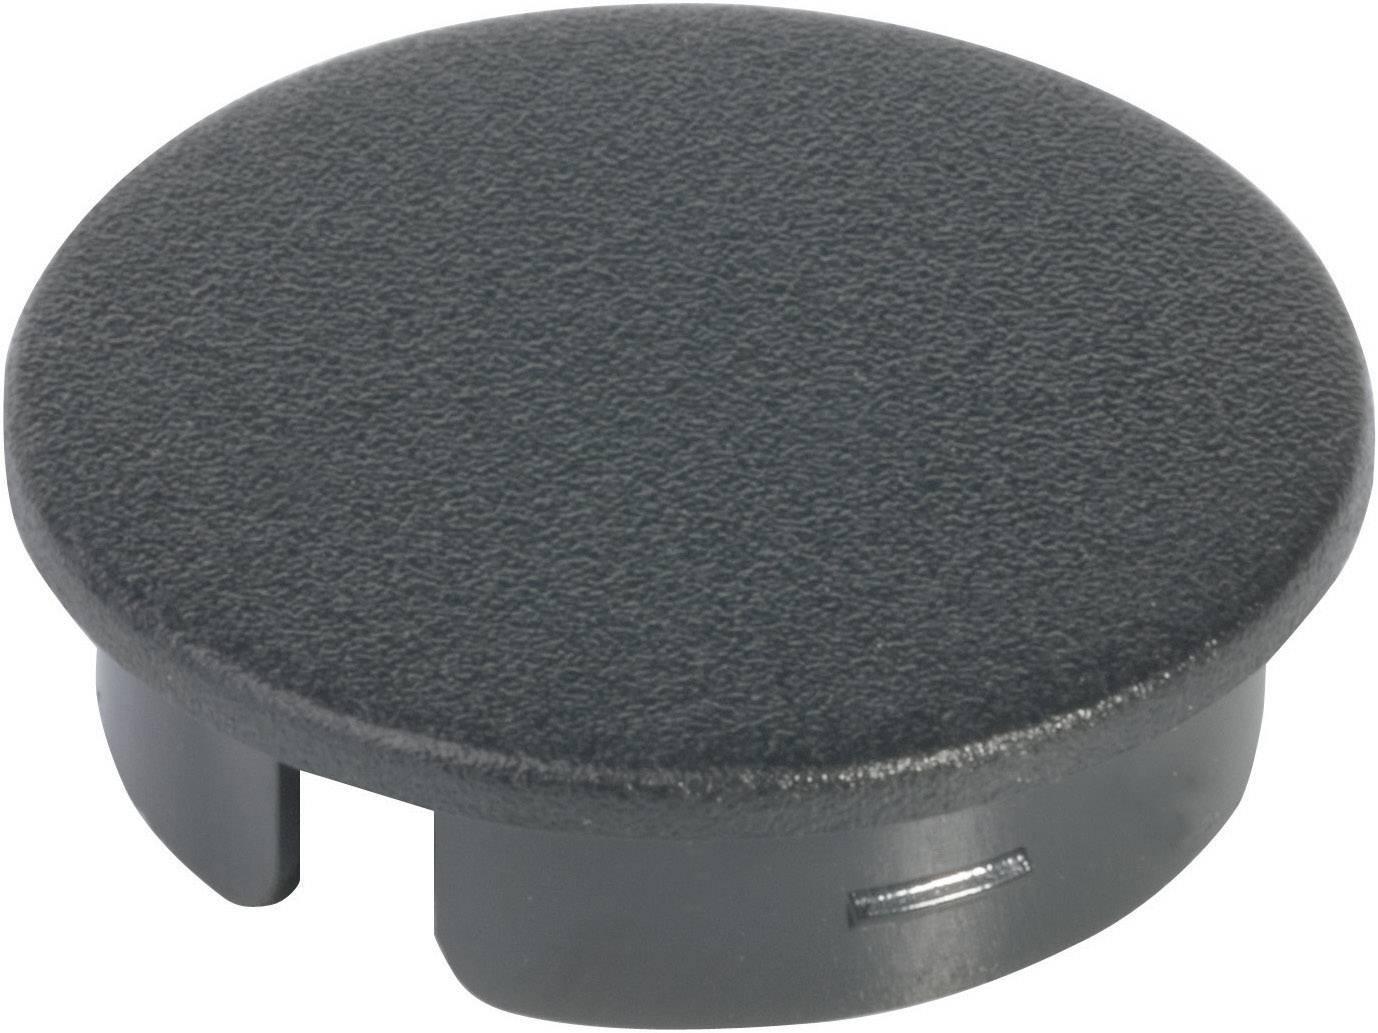 Krytka na otočný knoflík s ukazatelem OKW, pro knoflíky/O 20 mm, černá